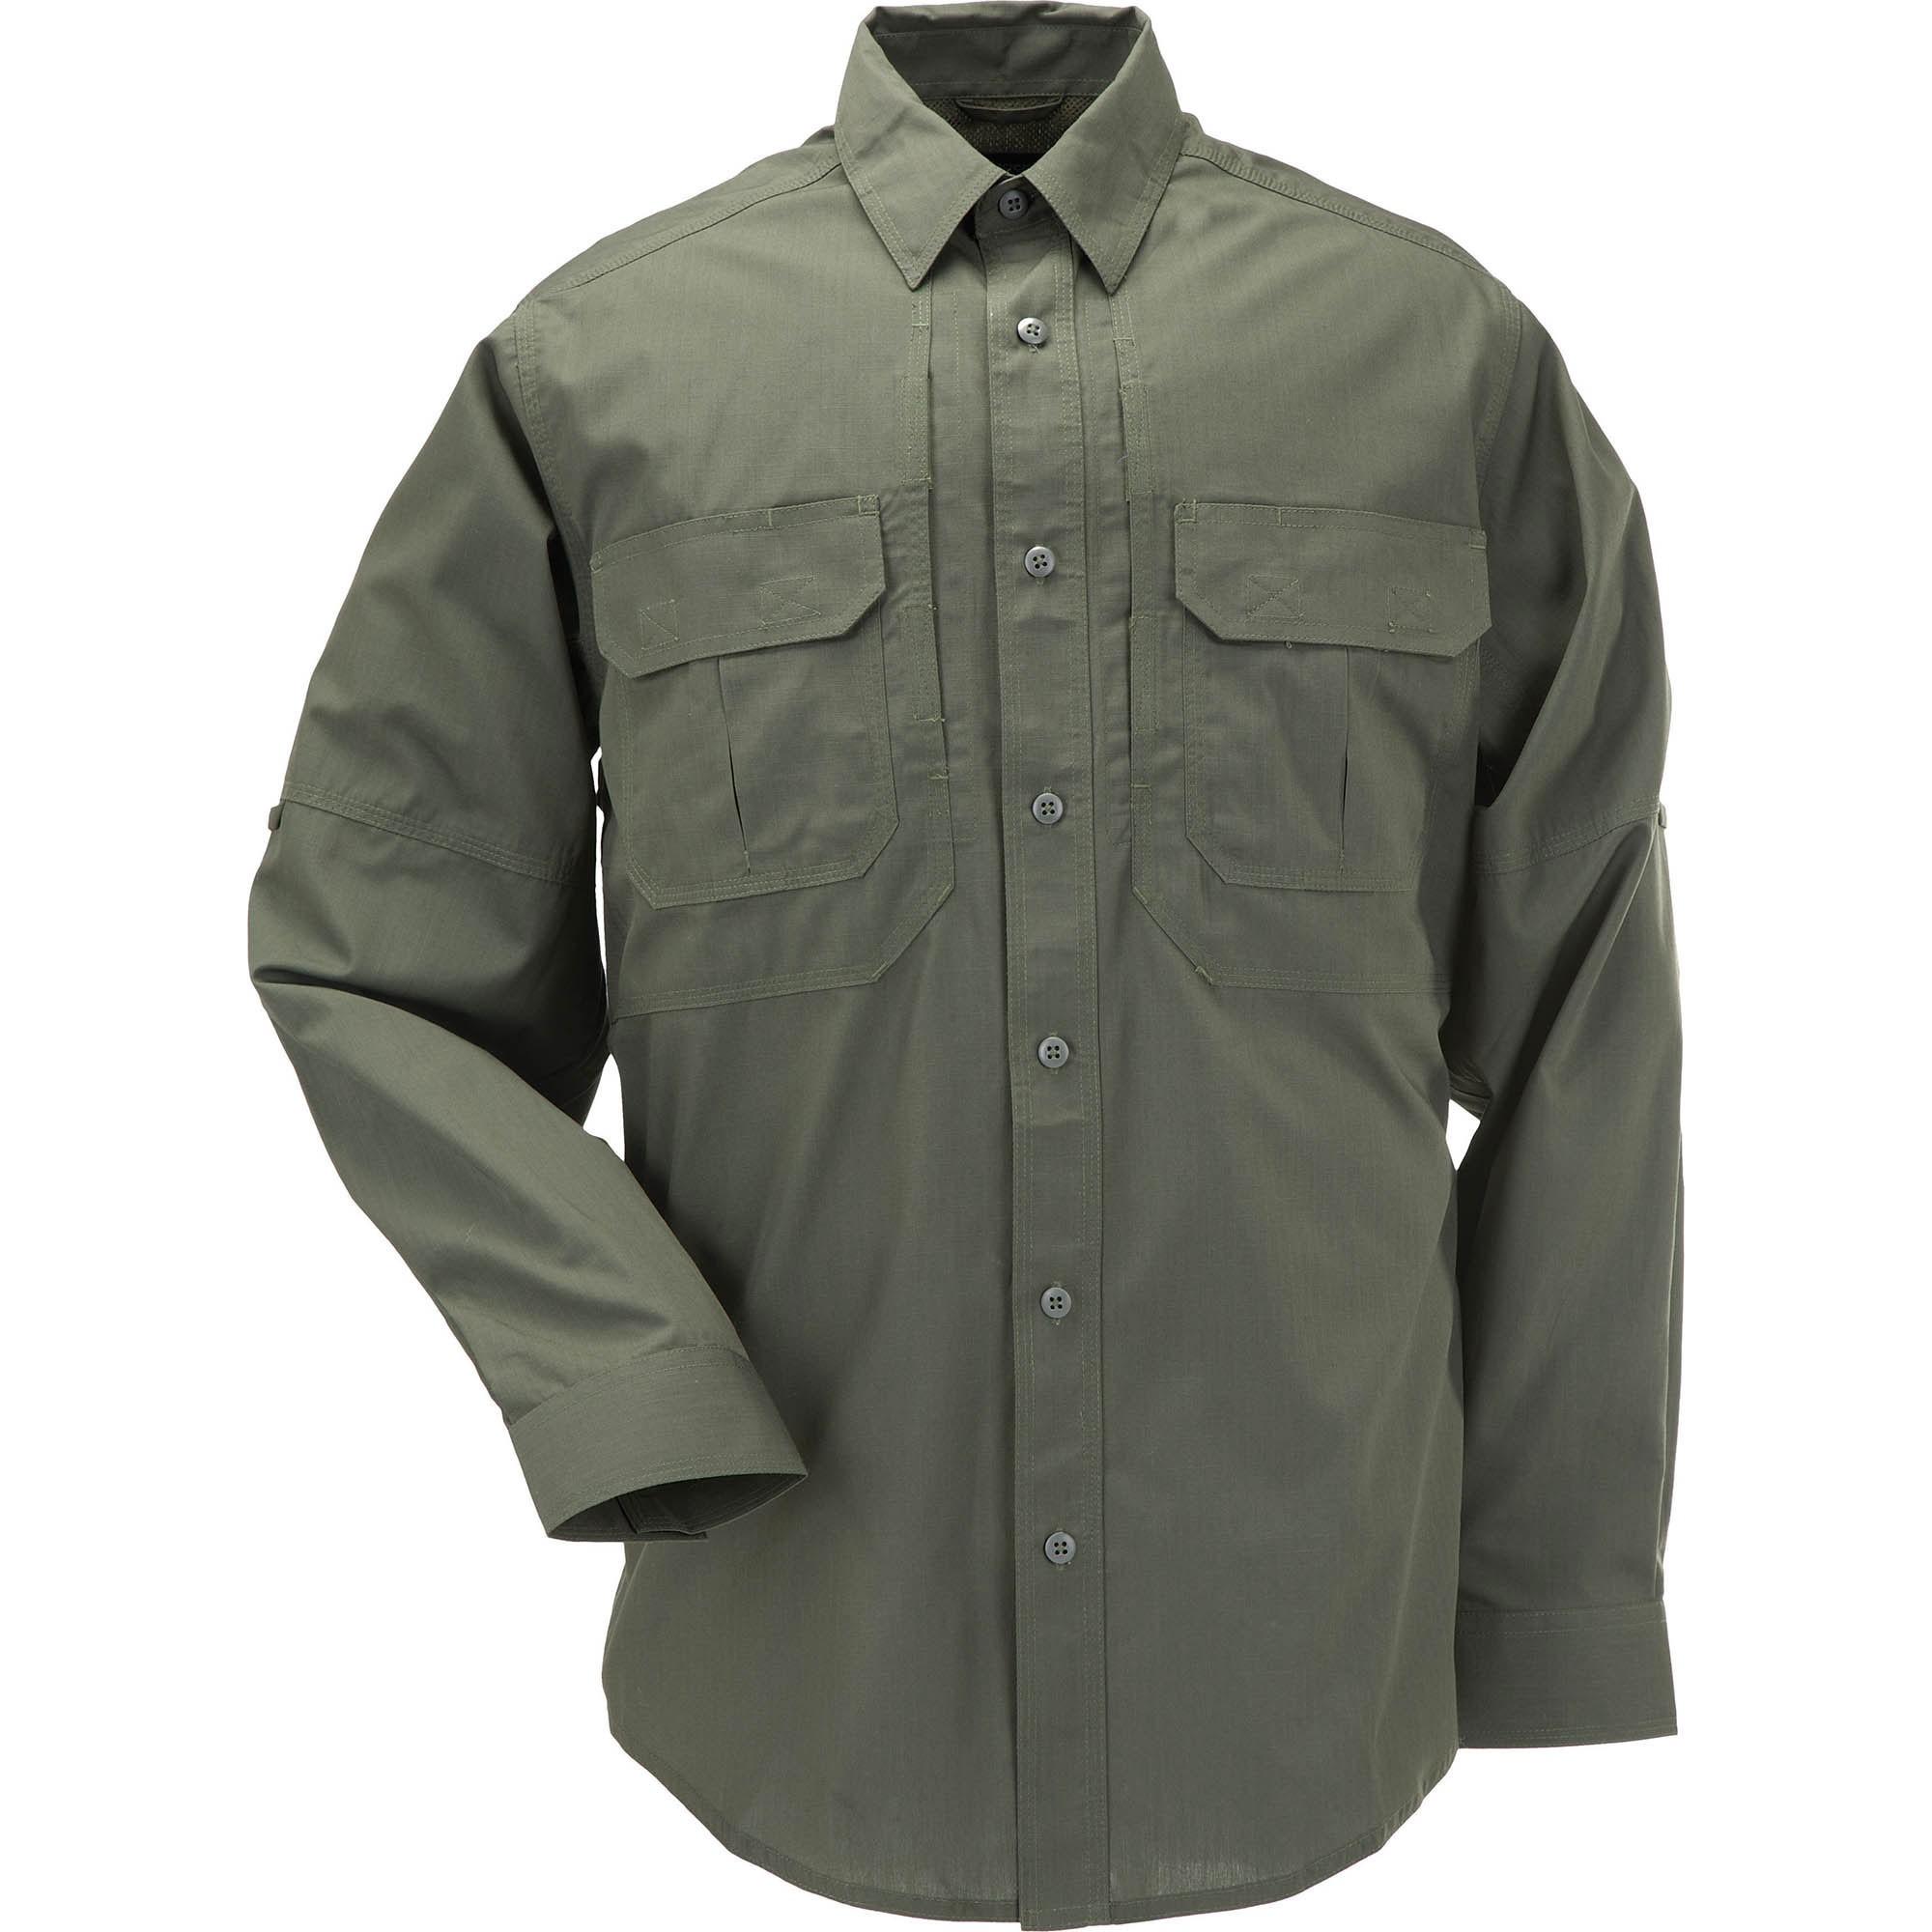 Koszula Taktyczna 5.11 Taclite Pro Shirt Długi Rękaw TDU  7BfgC